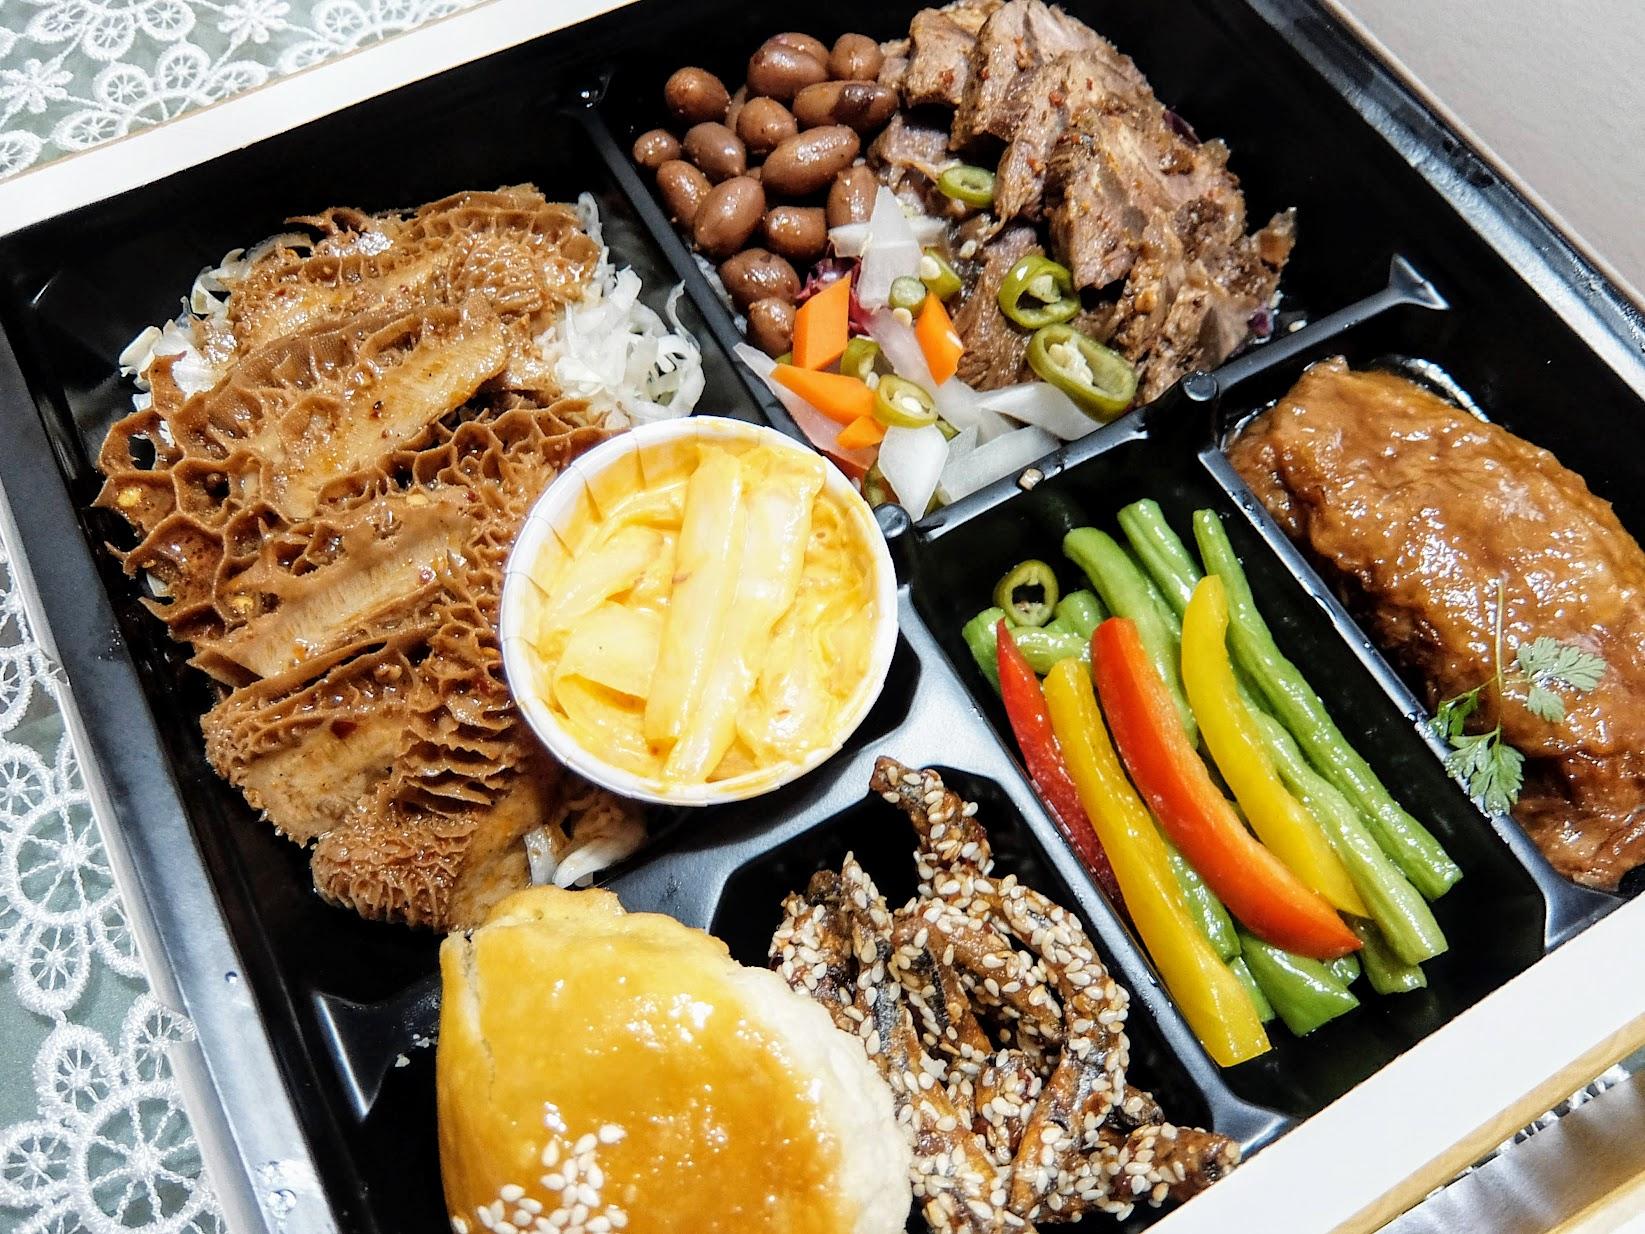 五香滷牛腱&川辣拌牛肚雙主餐啊! 有牛腱和牛肚,旁邊還有腐皮卷和叉燒酥